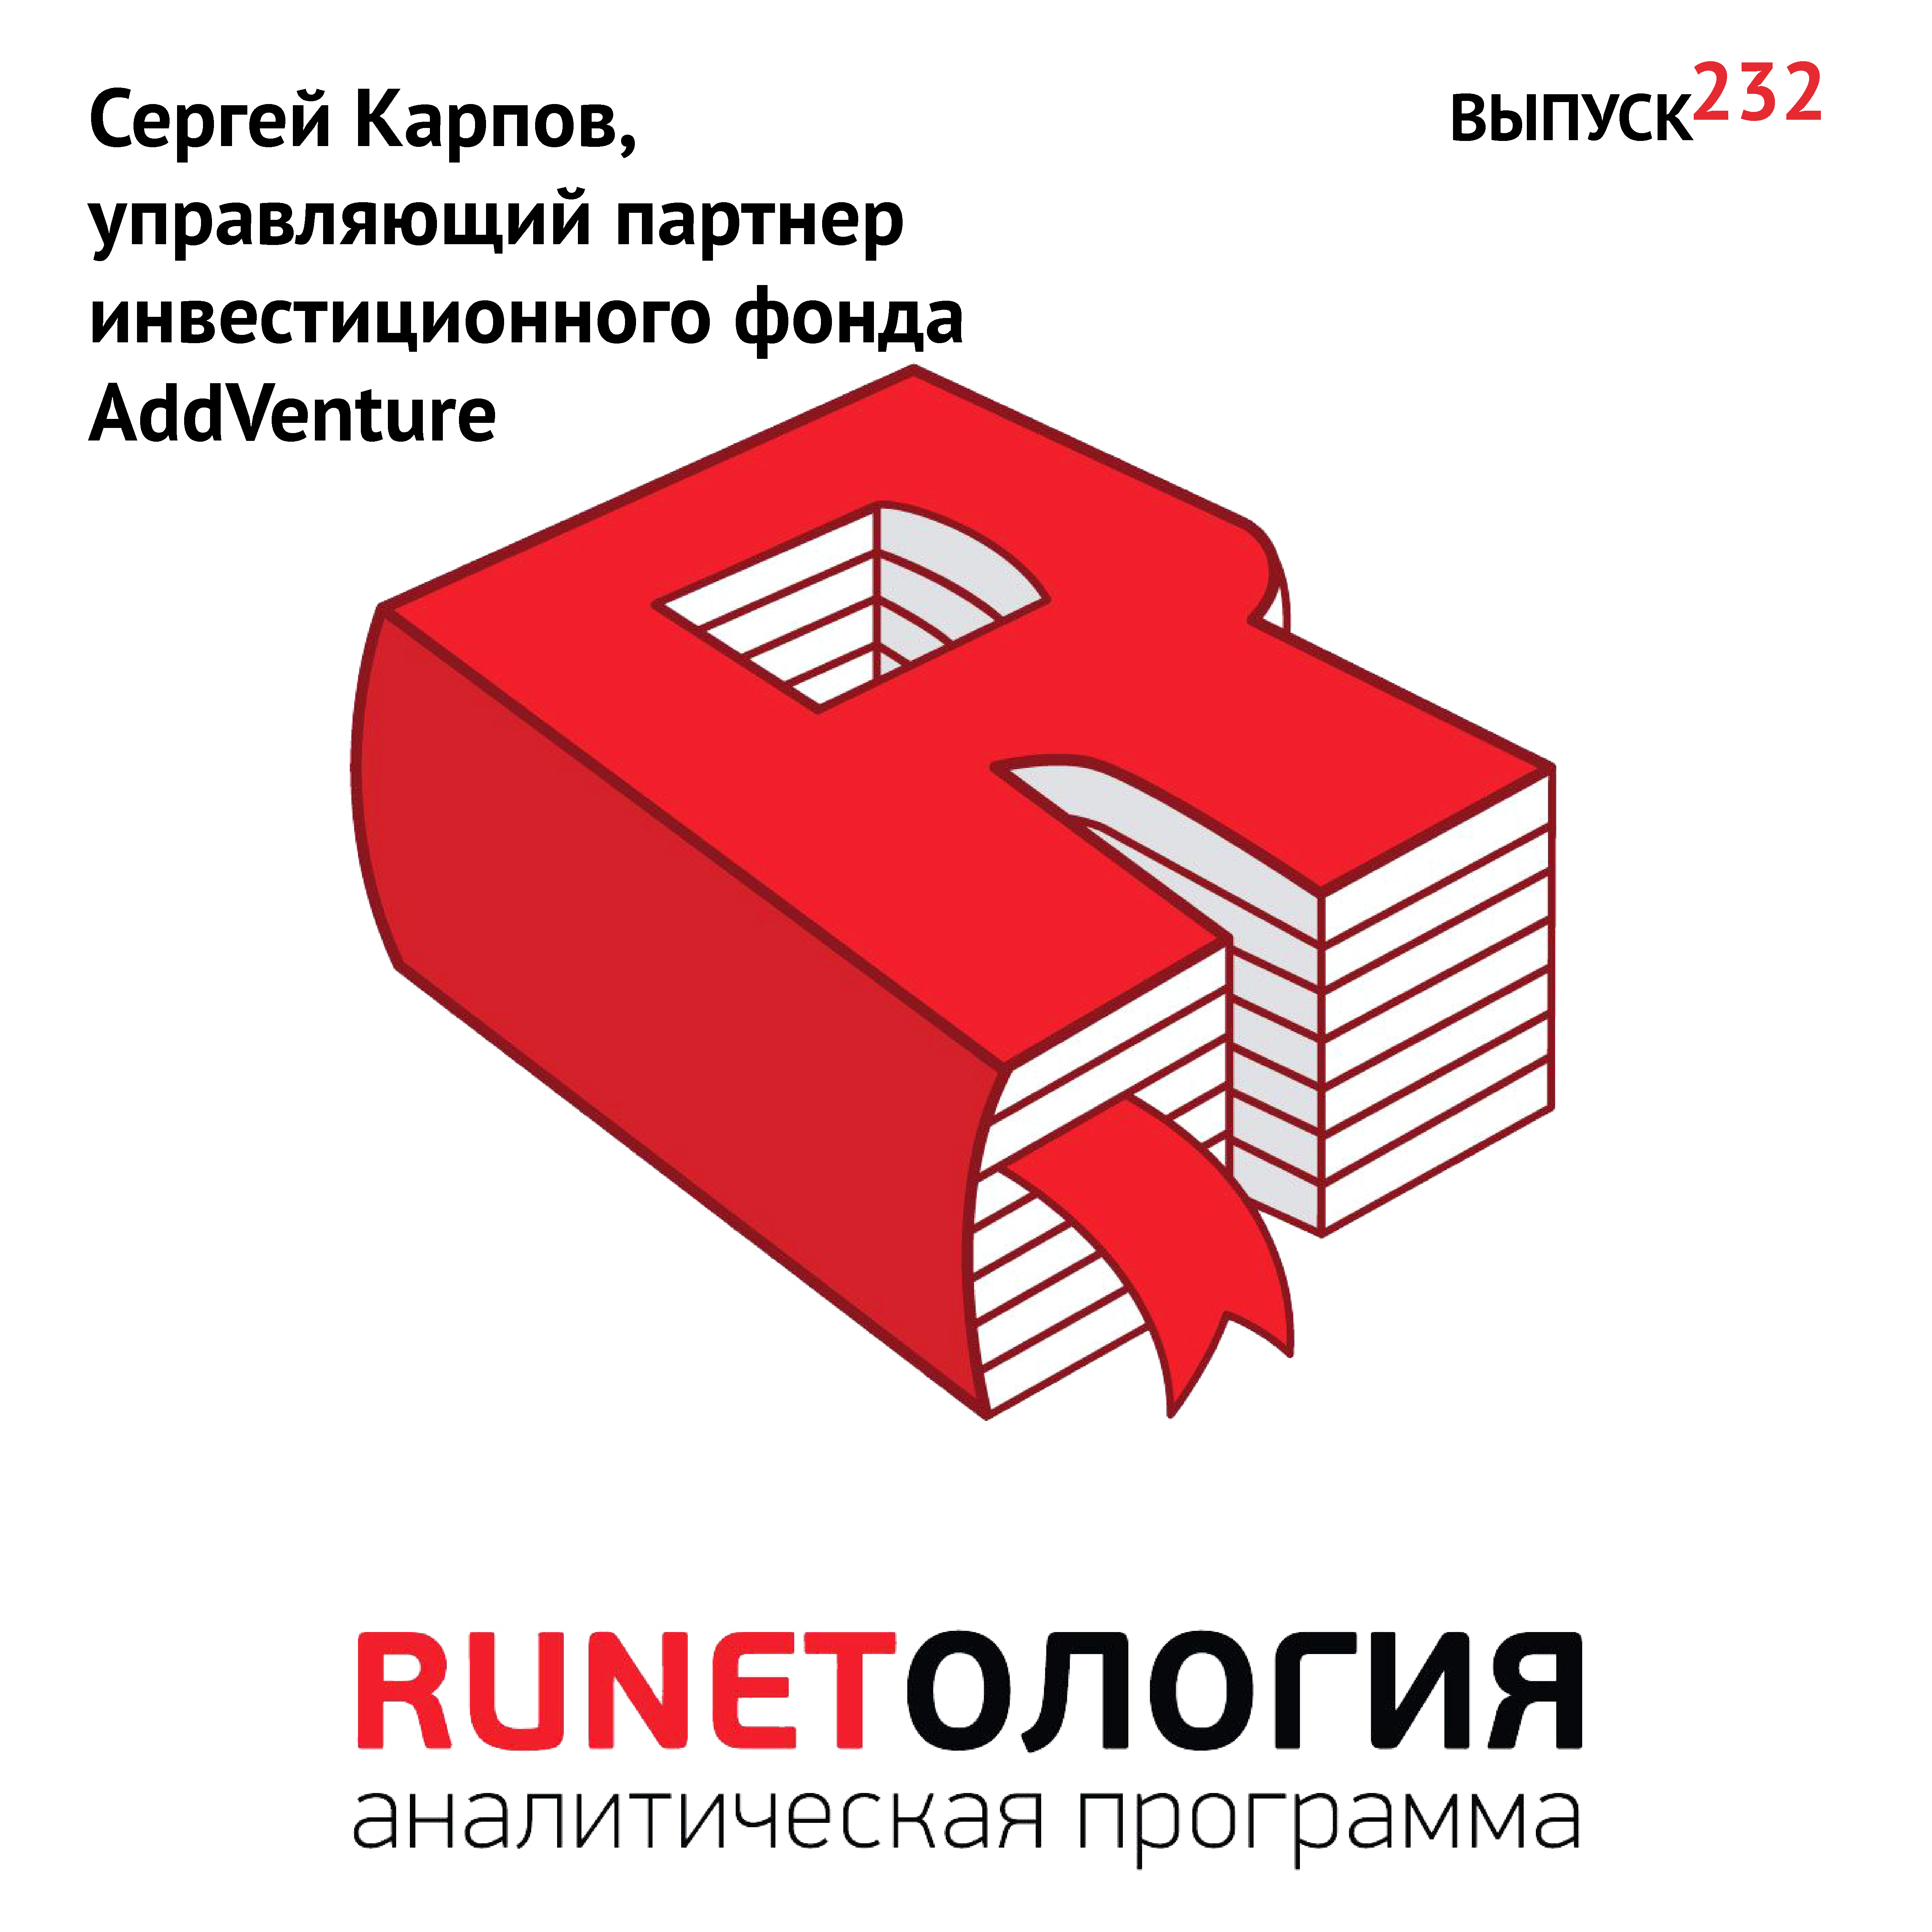 Максим Спиридонов Сергей Карпов, управляющий партнер инвестиционного фонда AddVenture